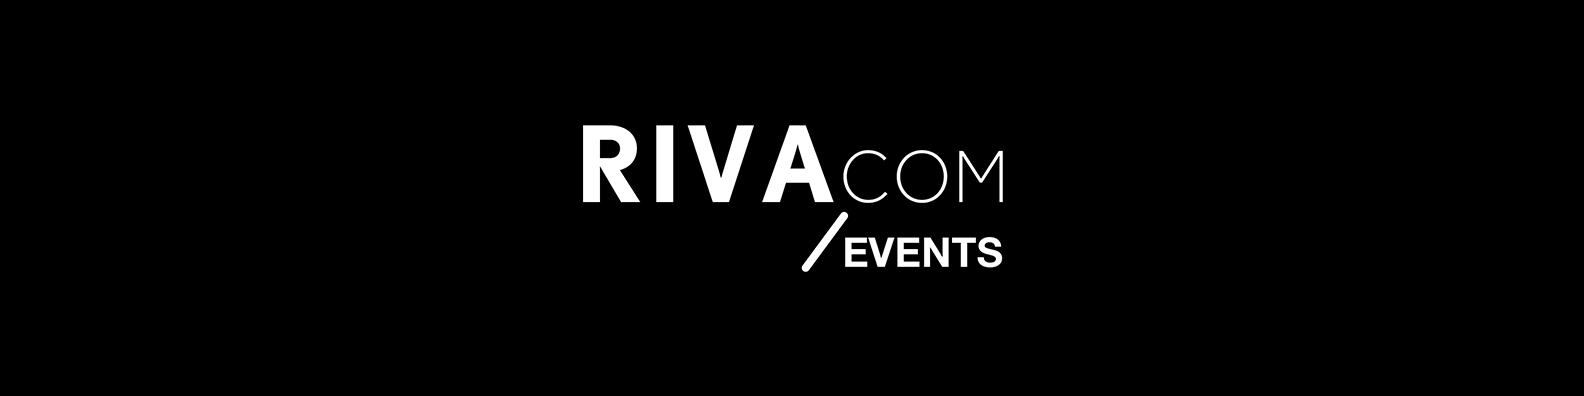 Rivacom Events recrute un Directeur Events en CDI (H/F)